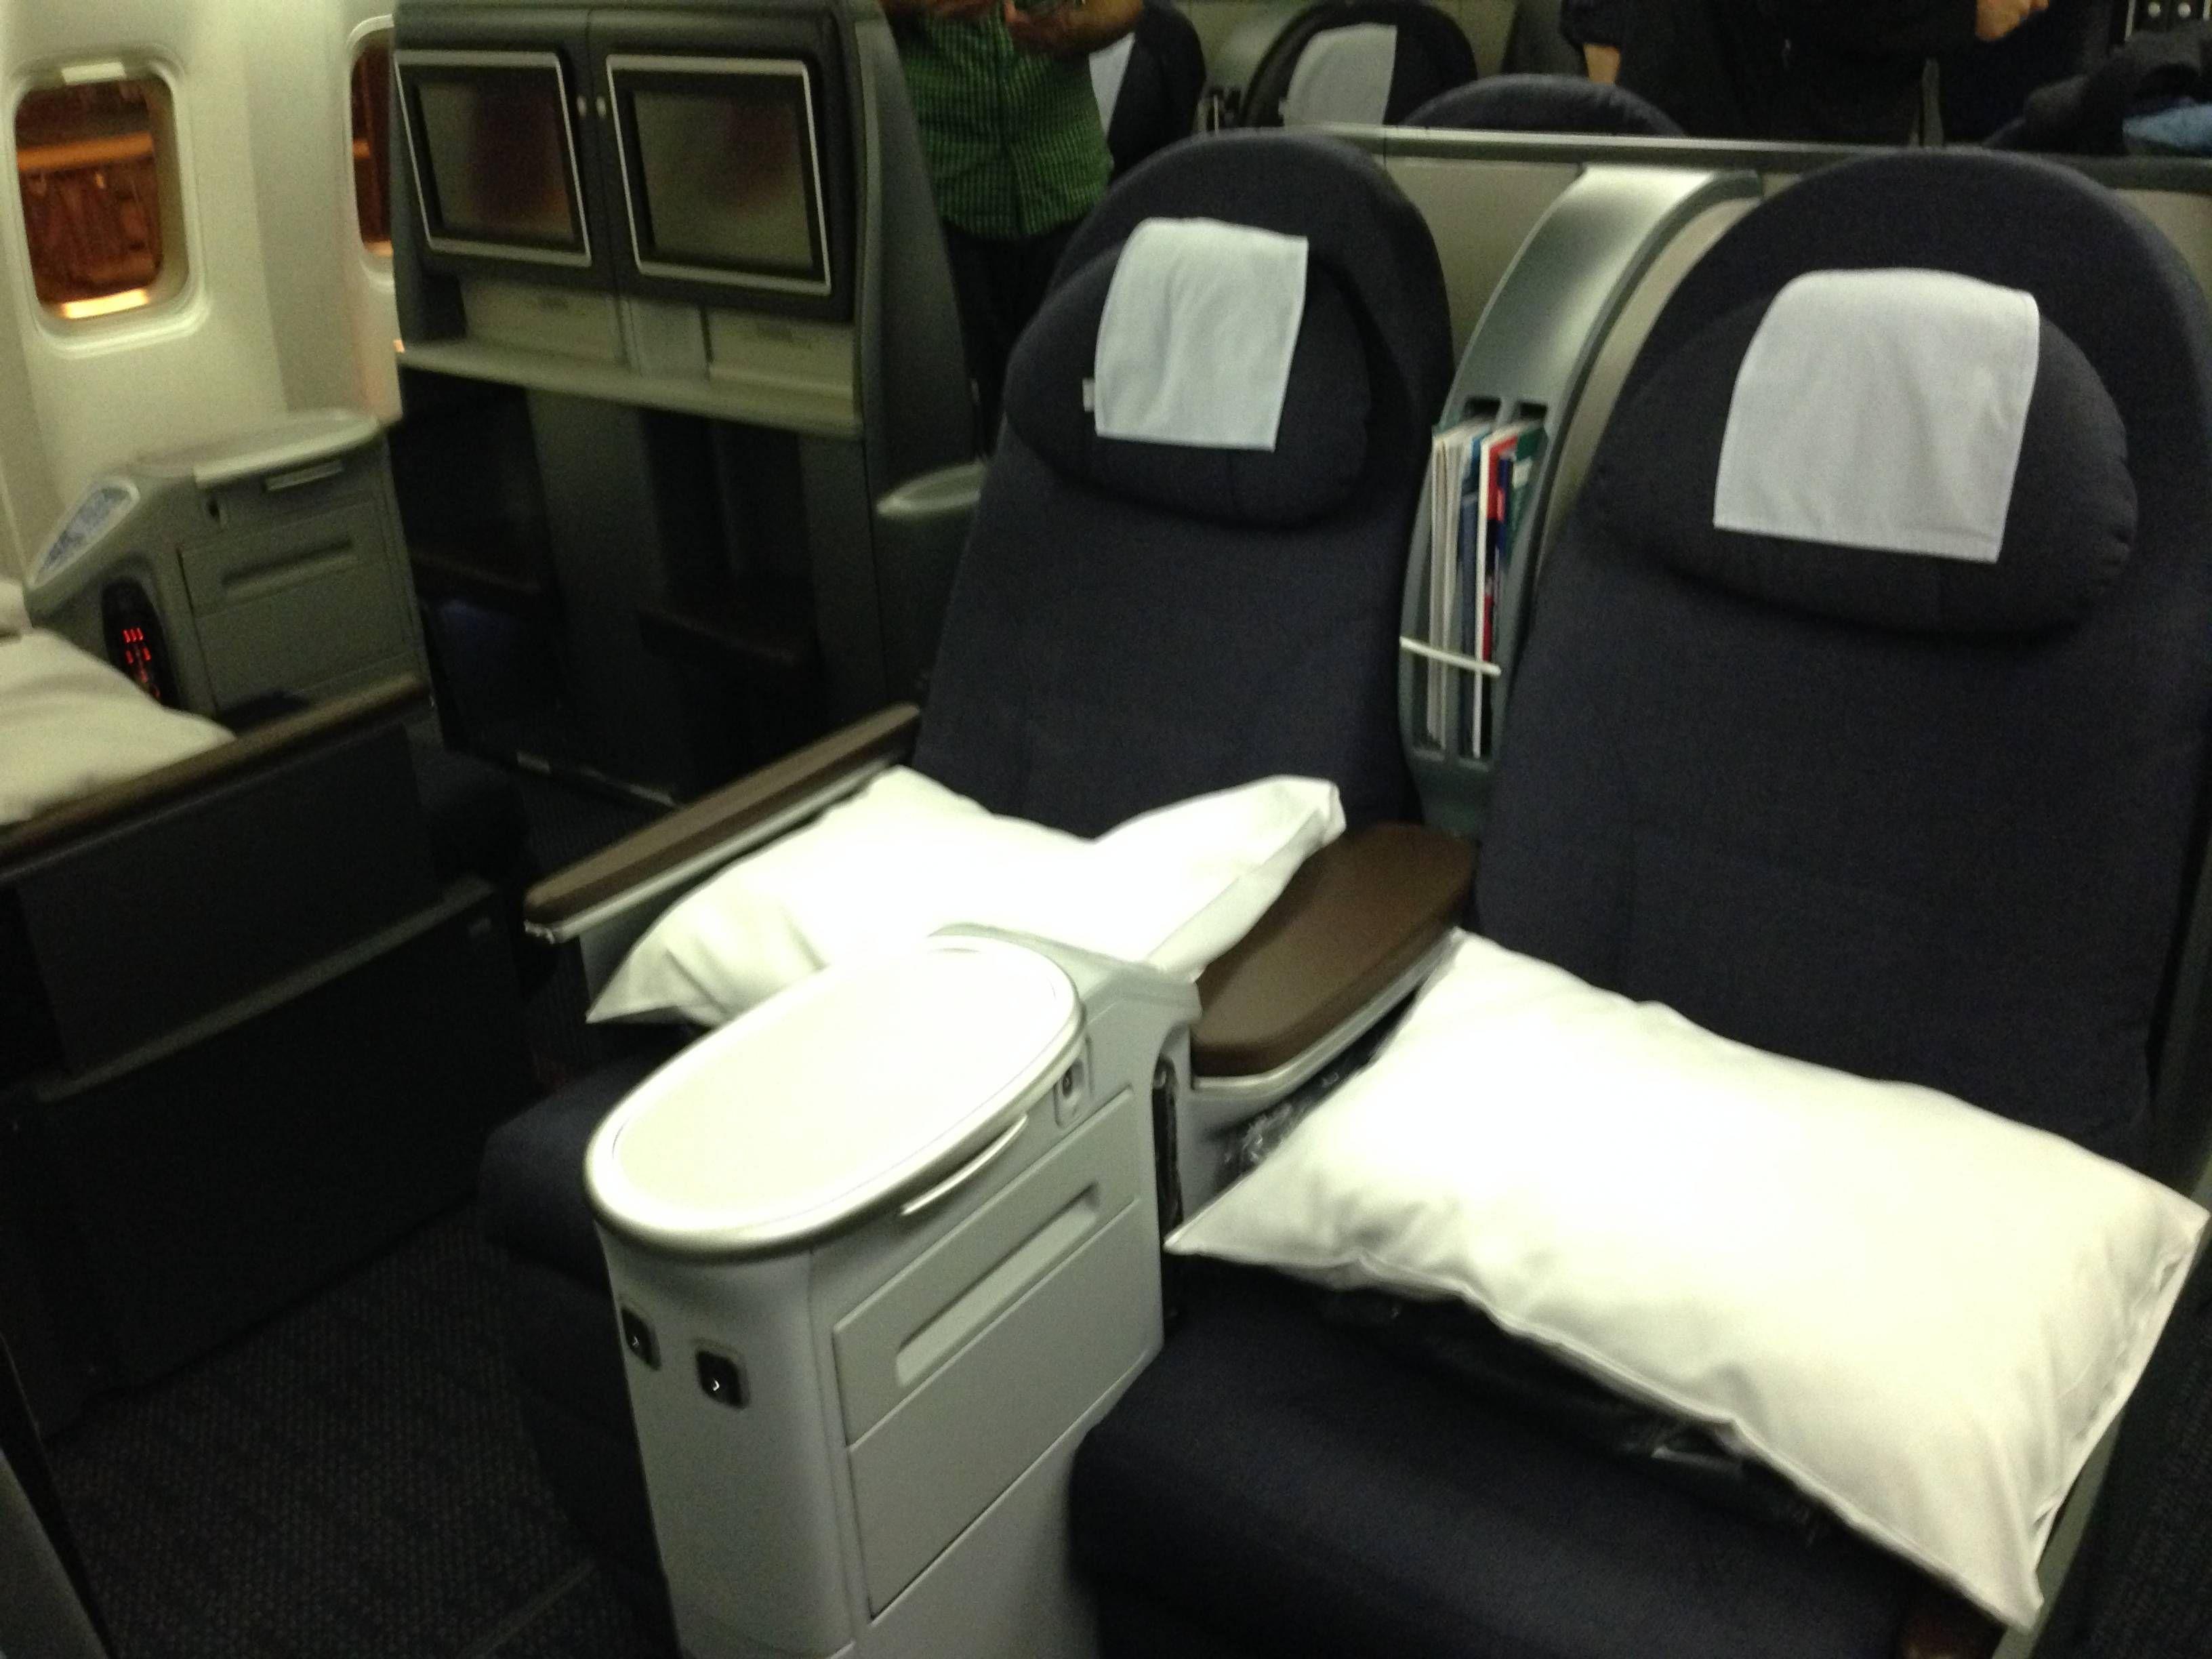 United Classe Executiva BusinessFirst 767-300